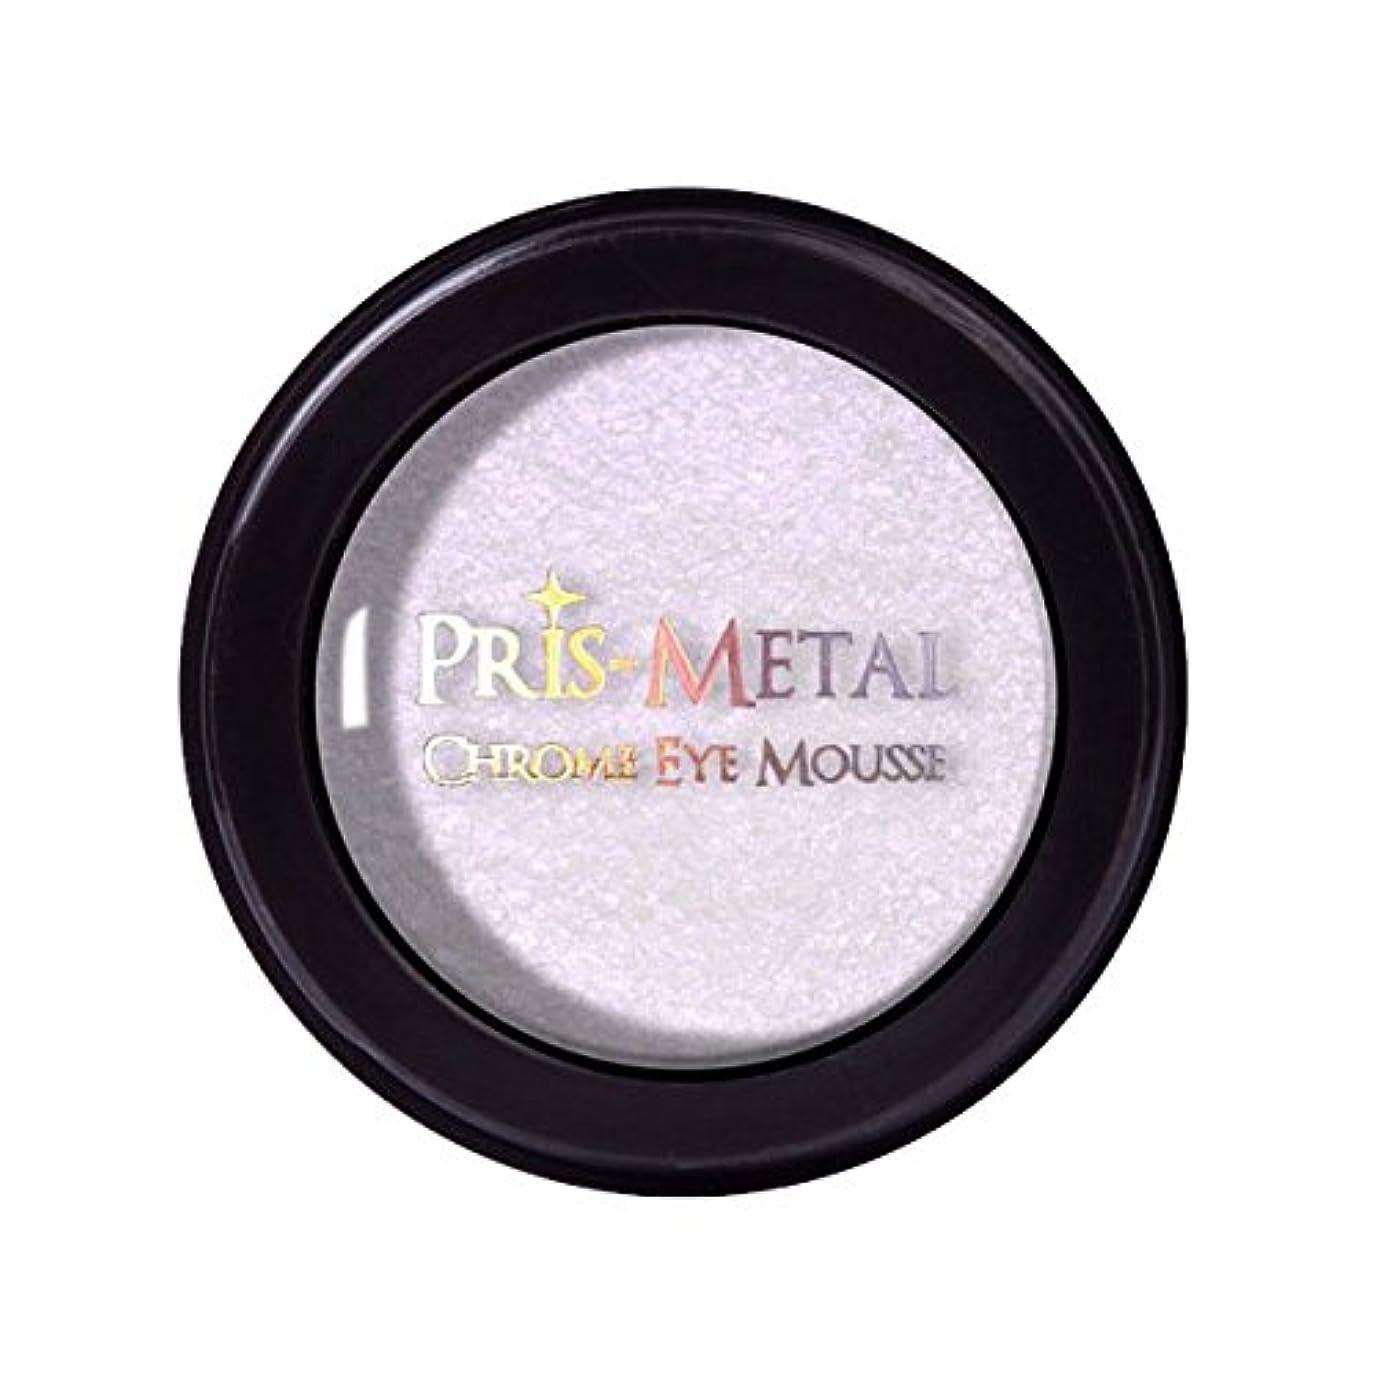 ゲージ息苦しい切り離す(3 Pack) J. CAT BEAUTY Pris-Metal Chrome Eye Mousse - Pinky Promise (並行輸入品)